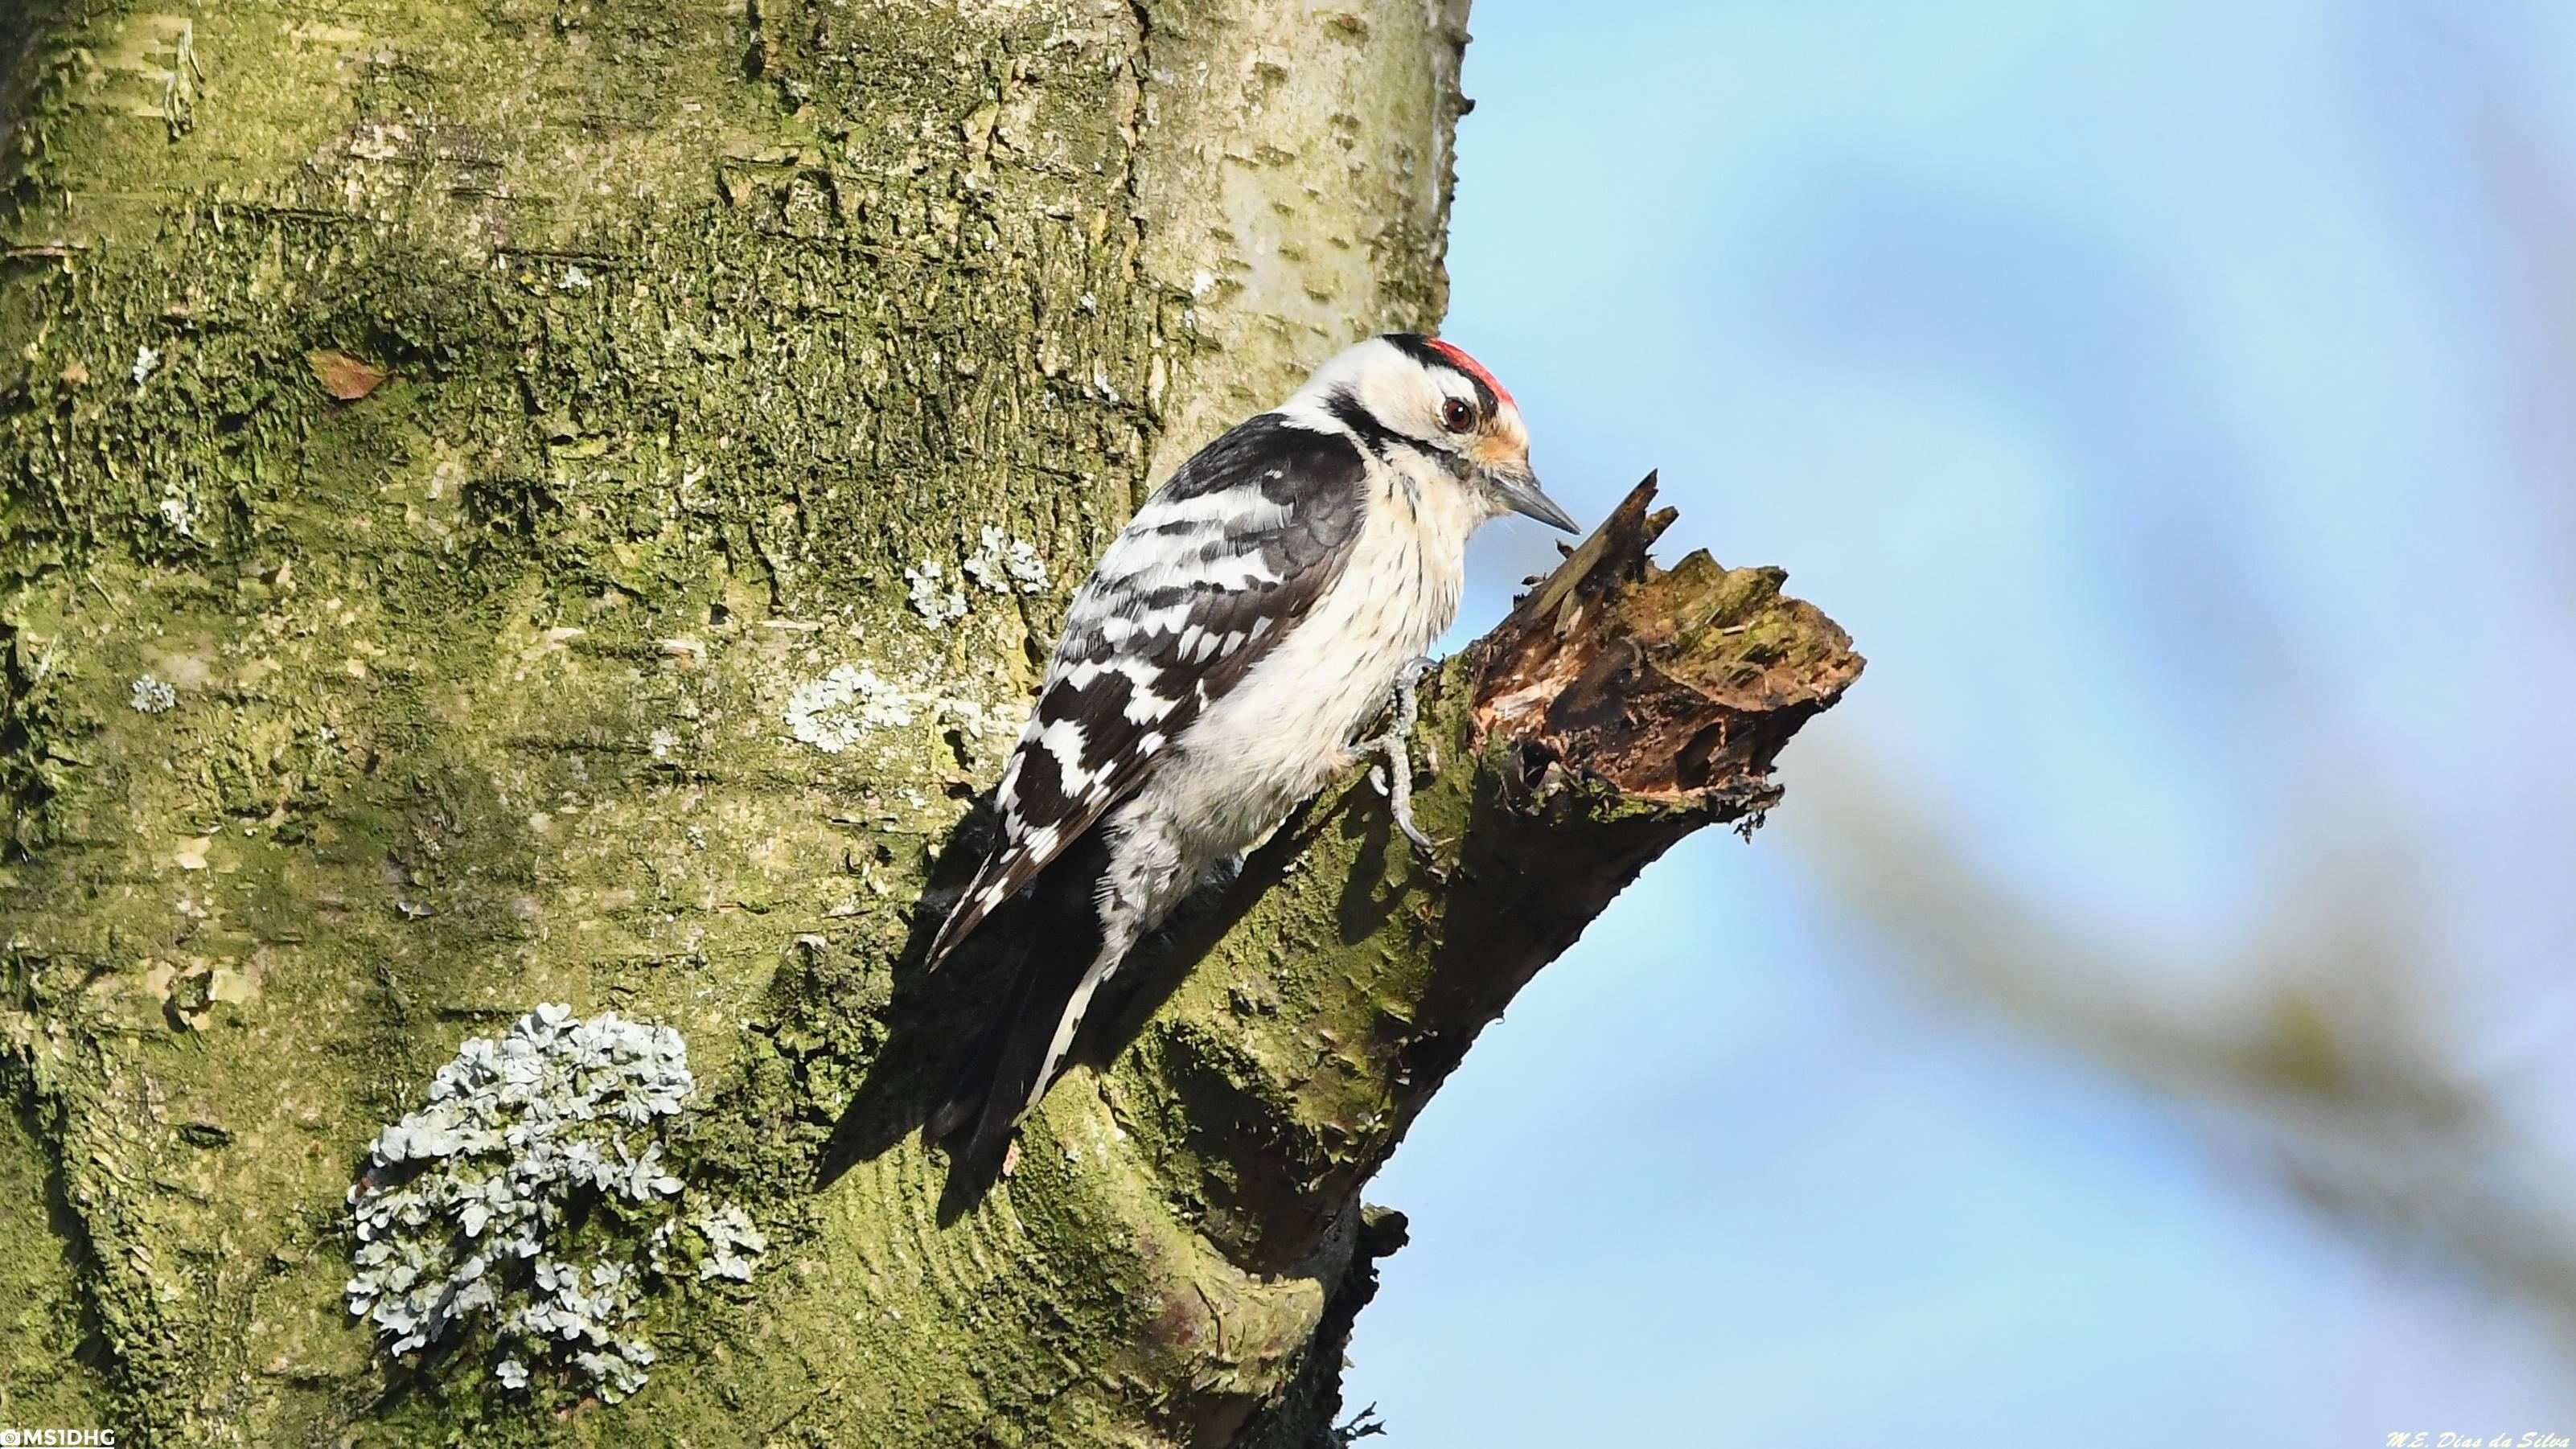 Fórum Aves - Birdwatching em Portugal - Portal Pica-pau-malhado-pequeno%20(2)